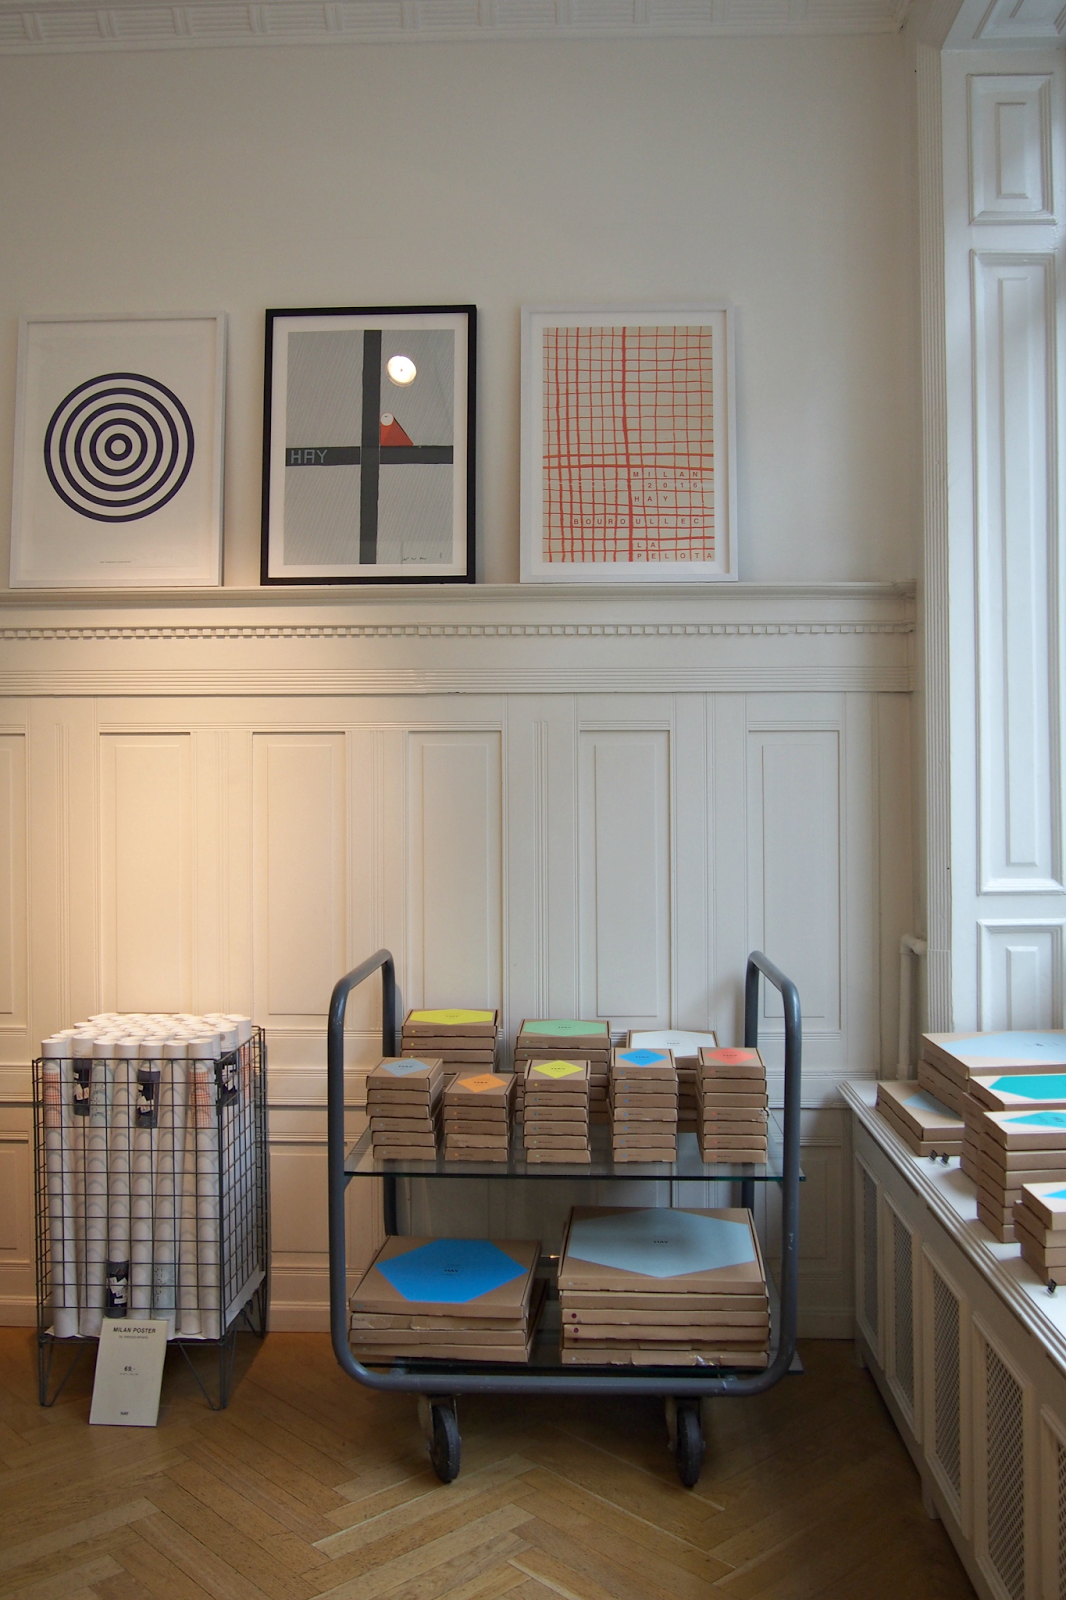 Hannas Home / Hay House in Copenhagen / Danish design